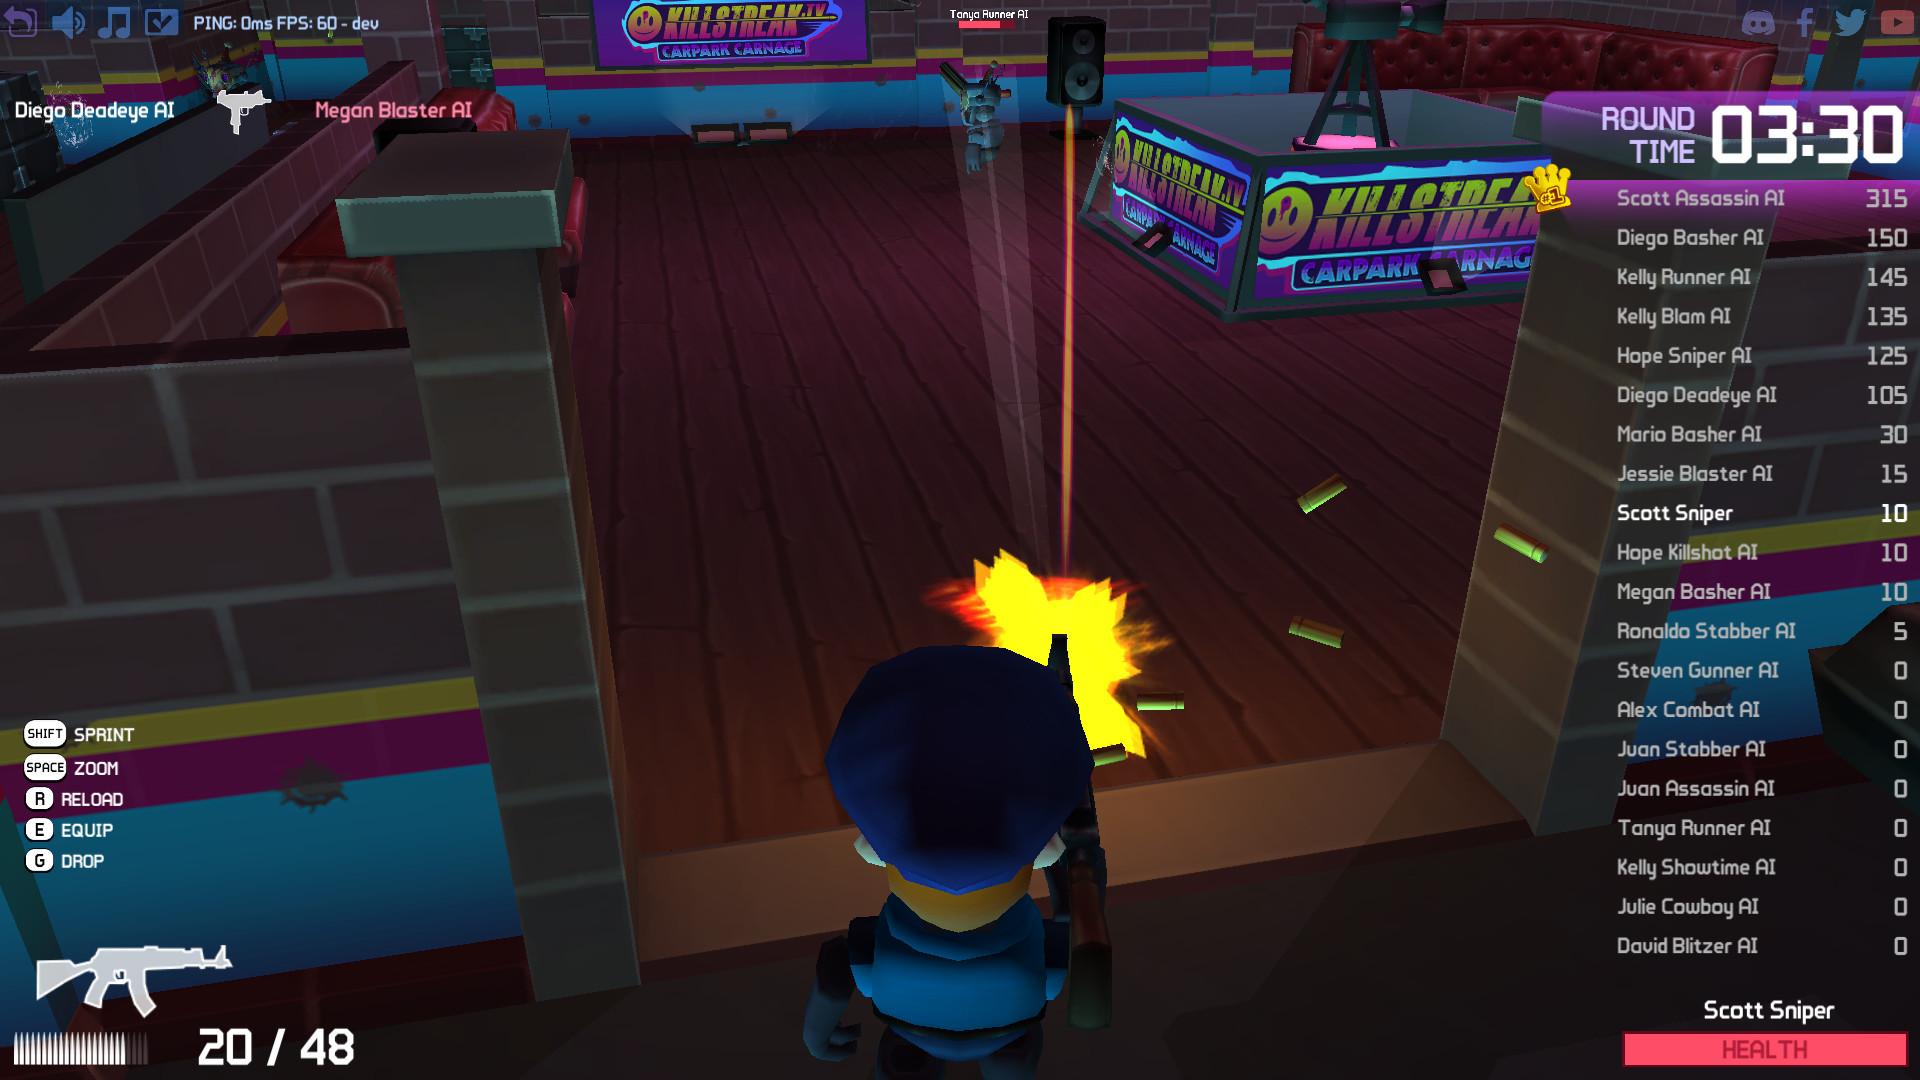 KillStreak.tv screenshot